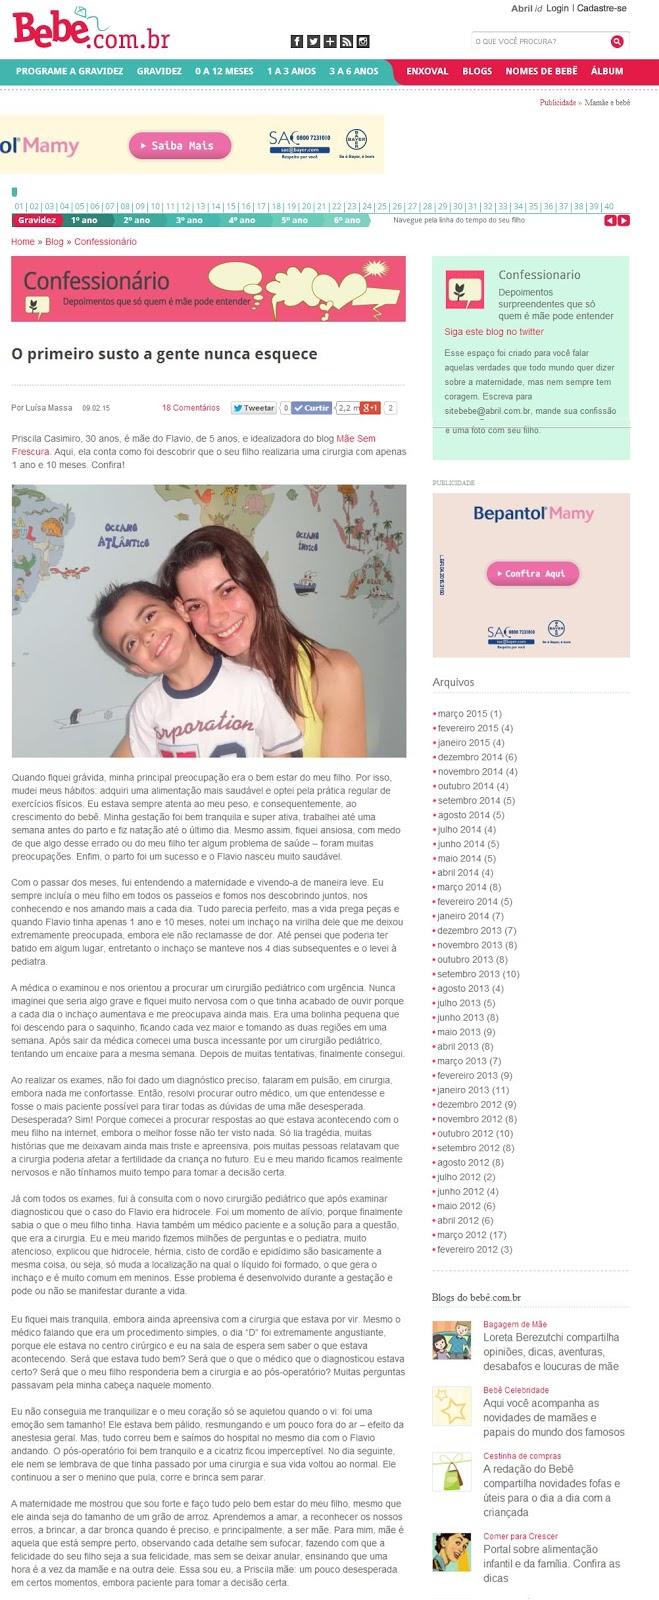 Mãe Sem Frescura - Site Bebê.com.br {Confessionário} - O Primeiro Susto a Gente Nunca Esquece